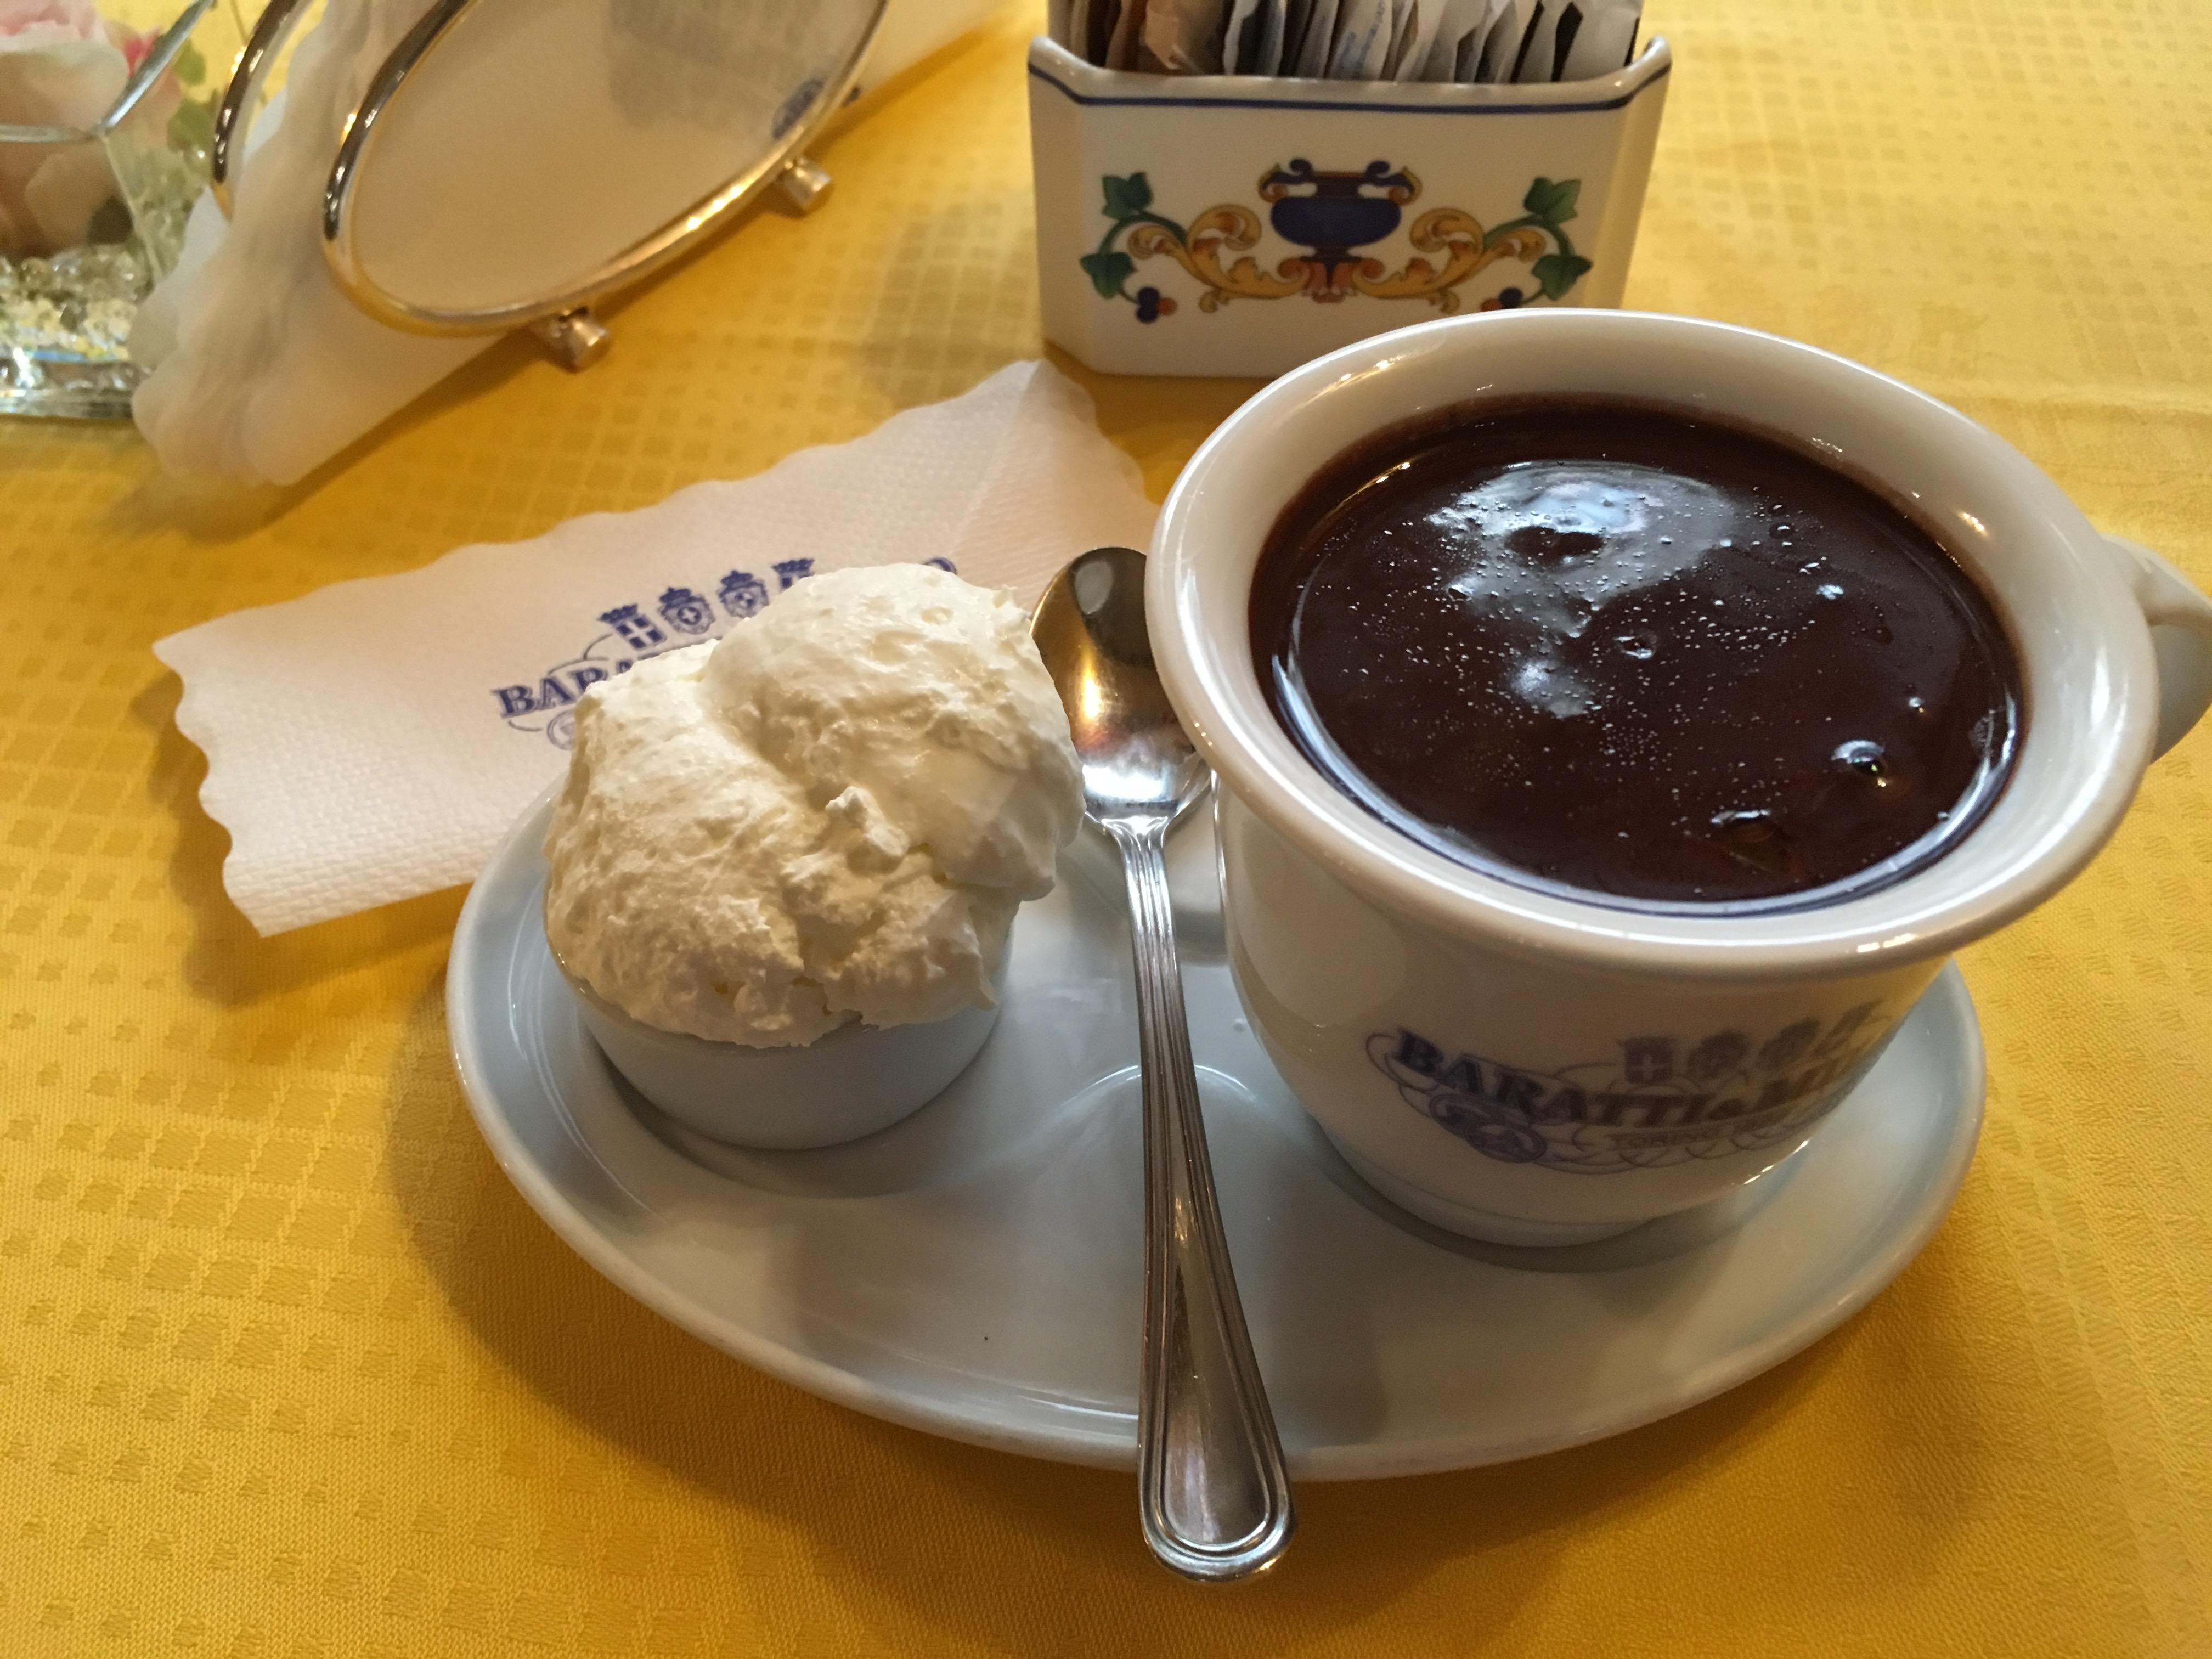 Italy18 Hot Choc. Fresh whip cream